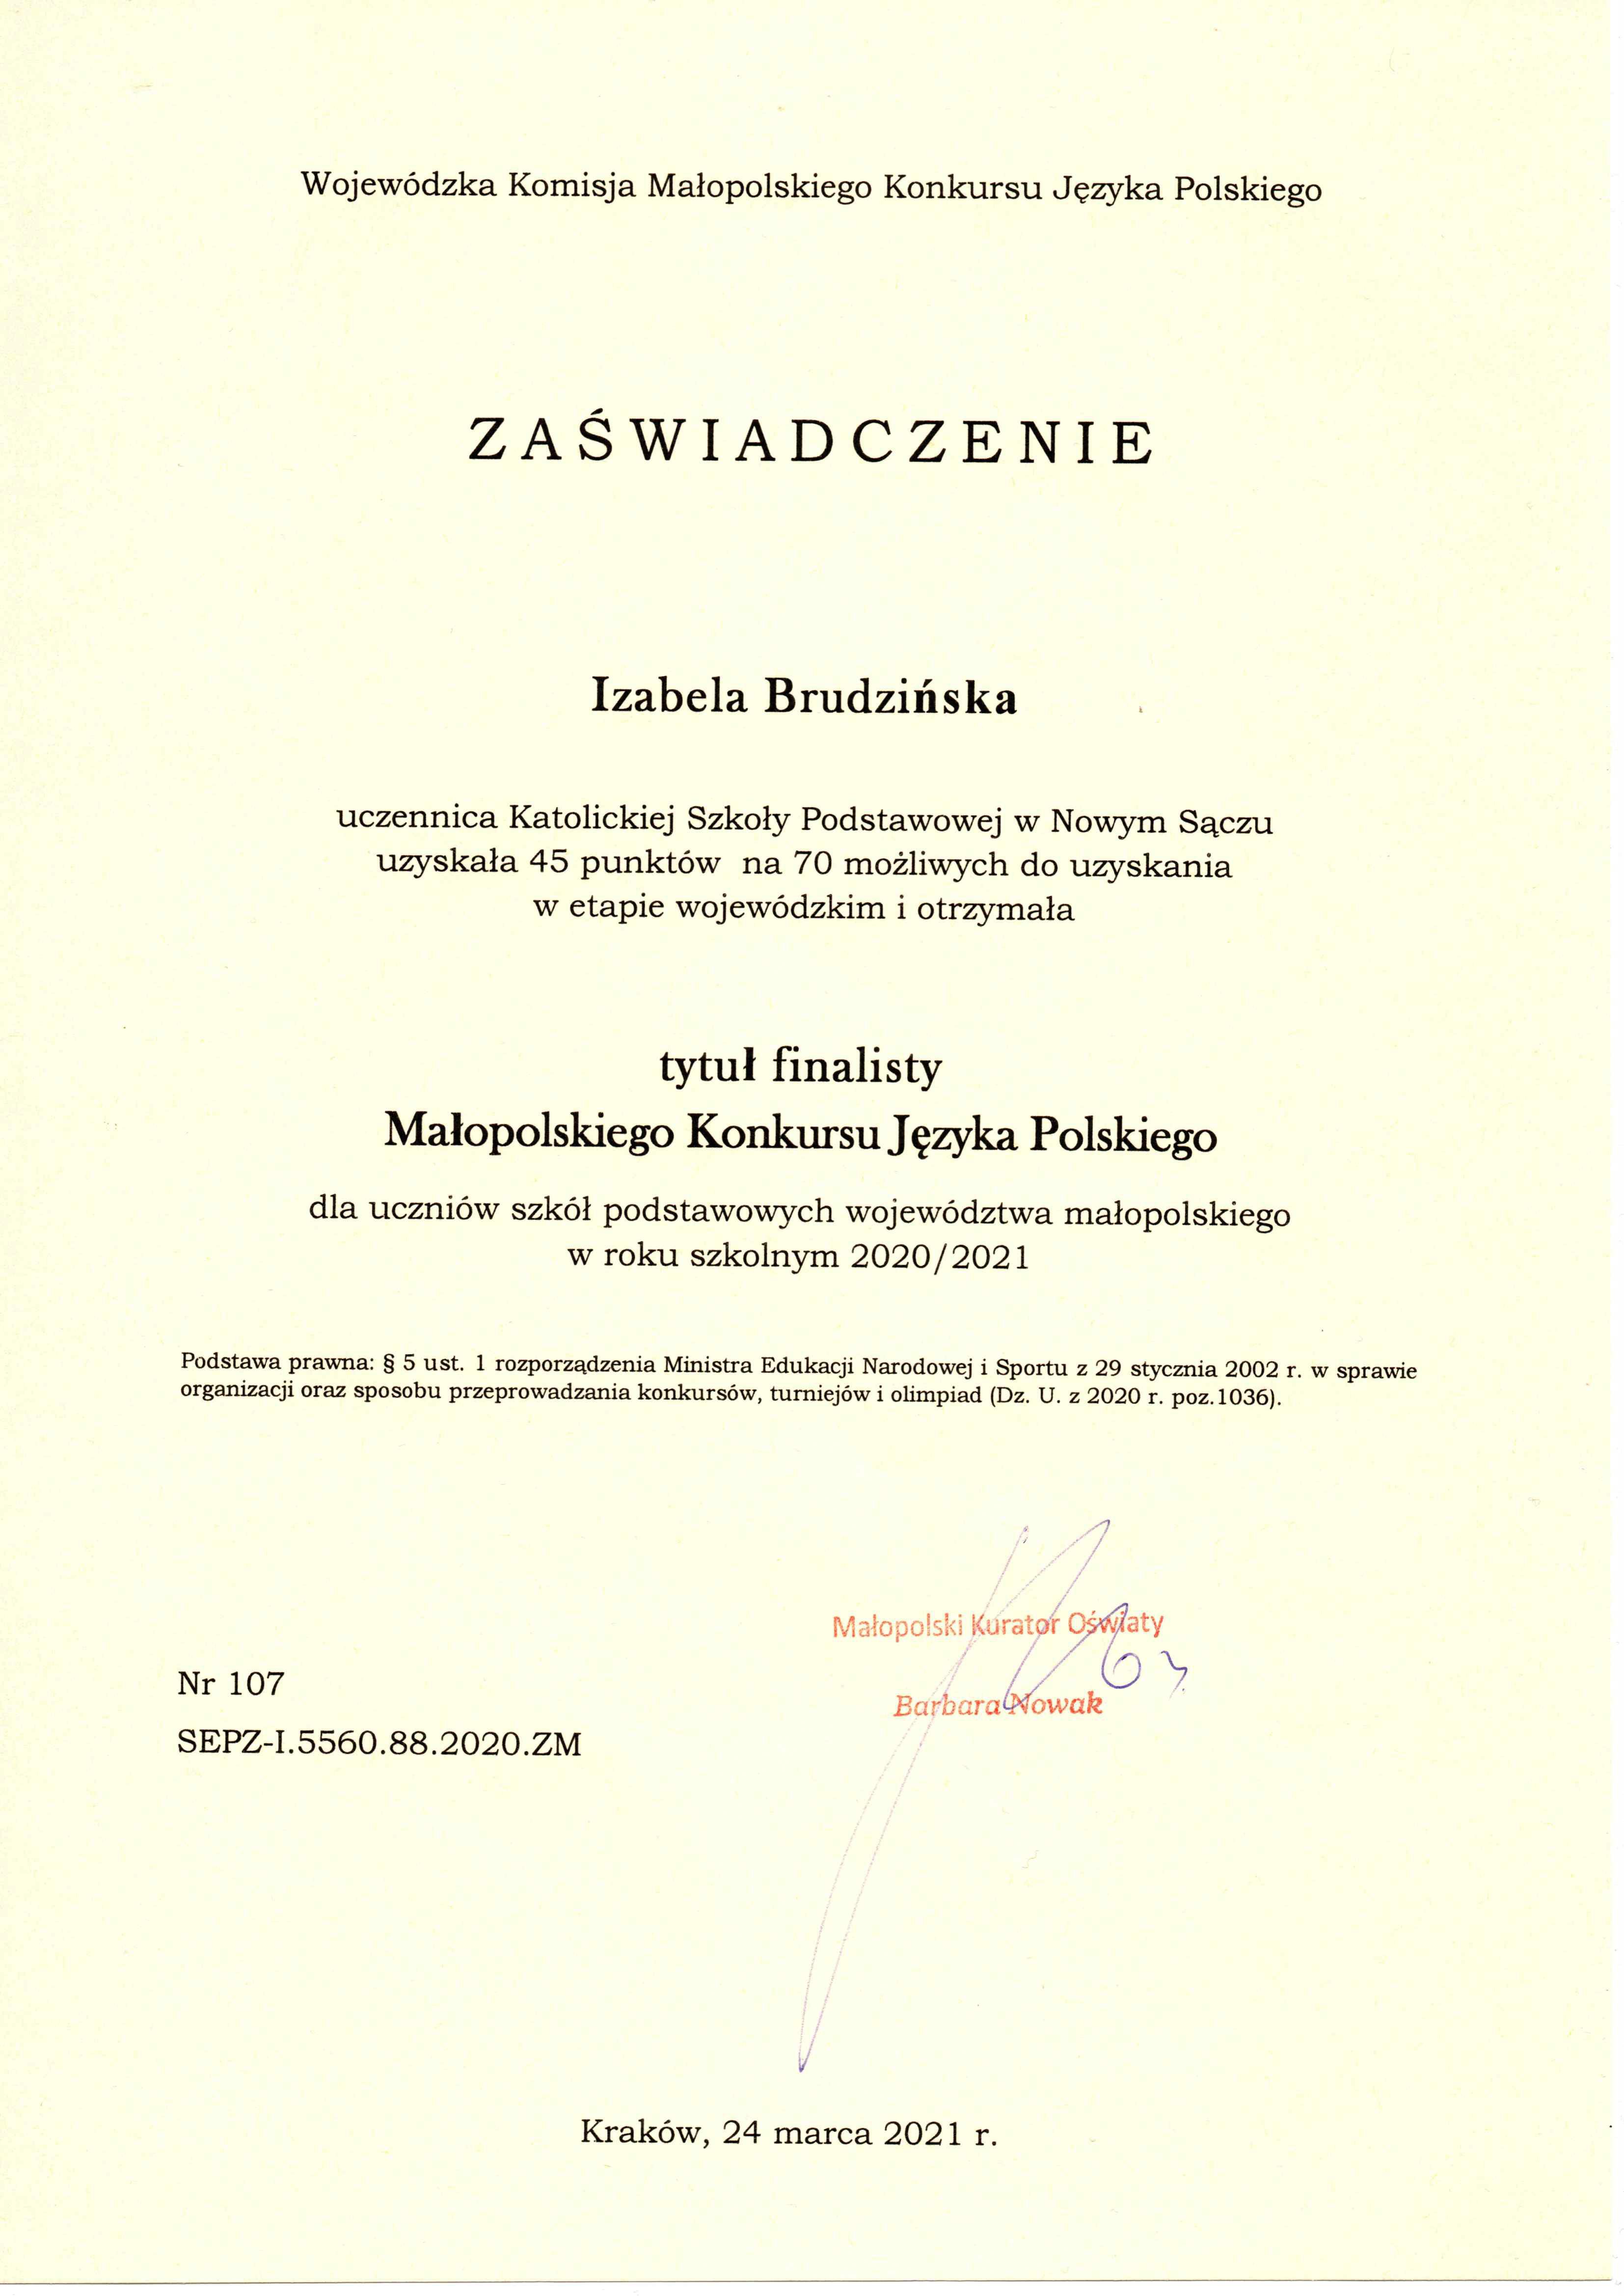 Finalistka Małopolskiego Konkursu Języka Polskiego